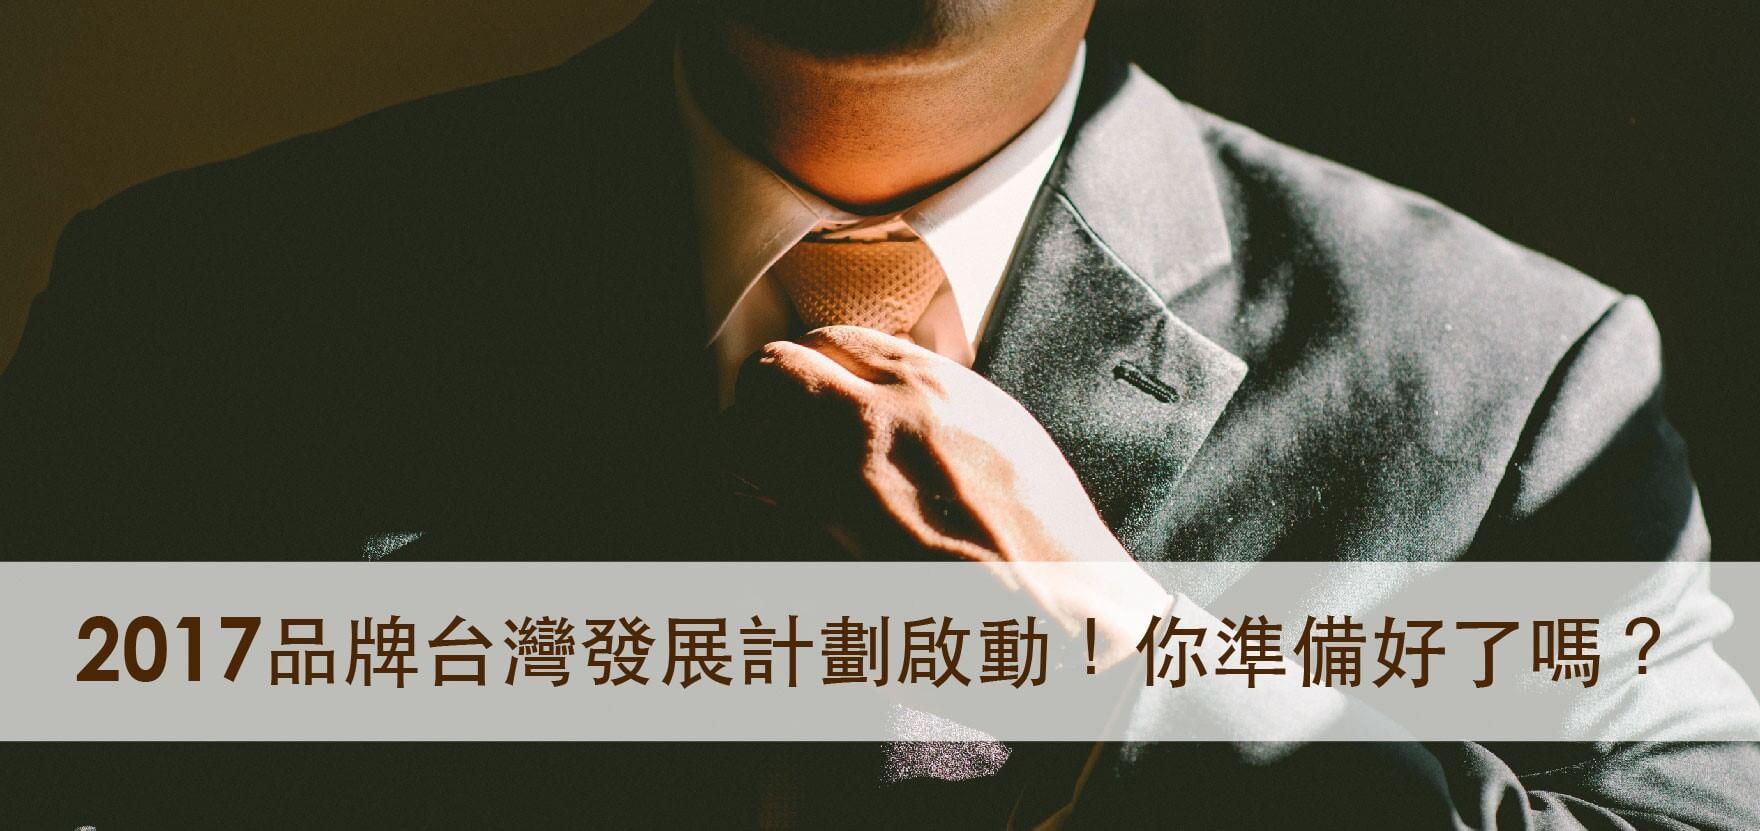 2017 品牌台灣發展計劃第二期 輔導申請倒數中